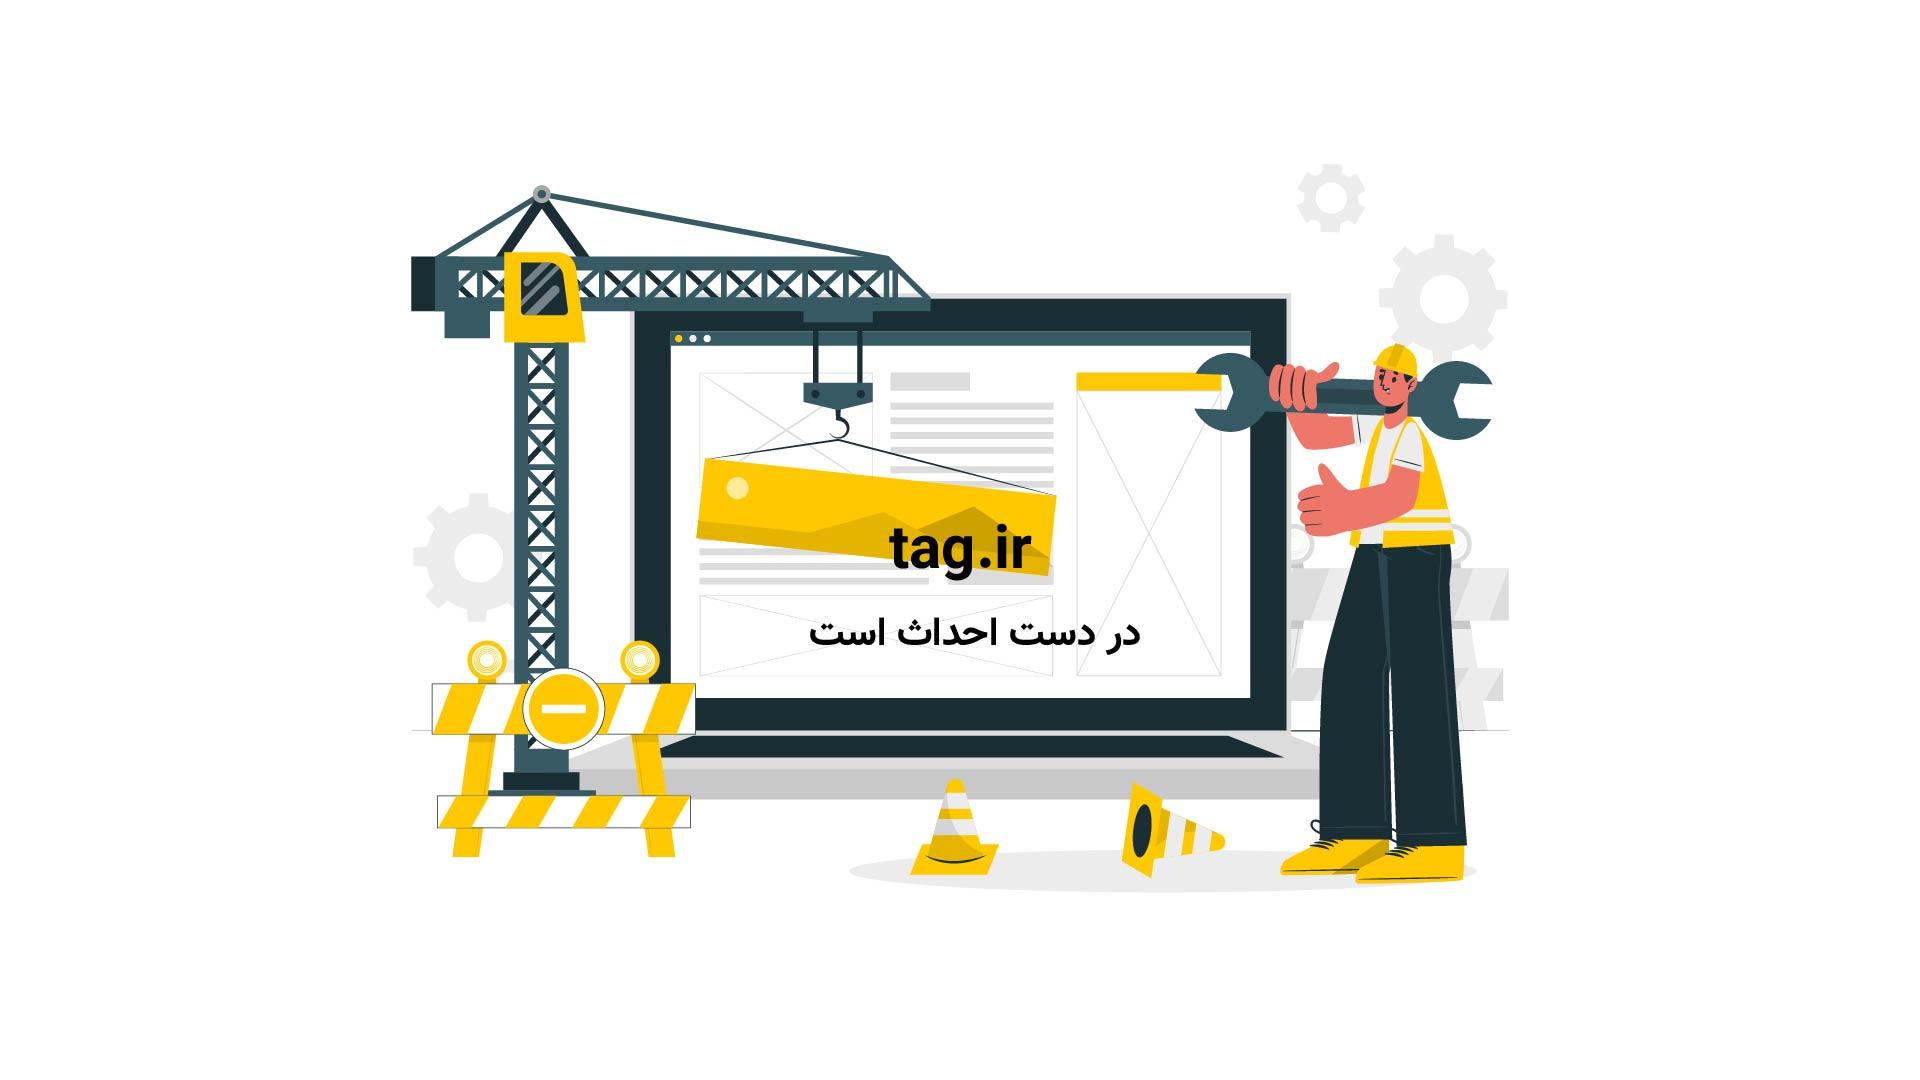 حمله عقاب کاراکارا به جوجههای پنگوئن | فیلم